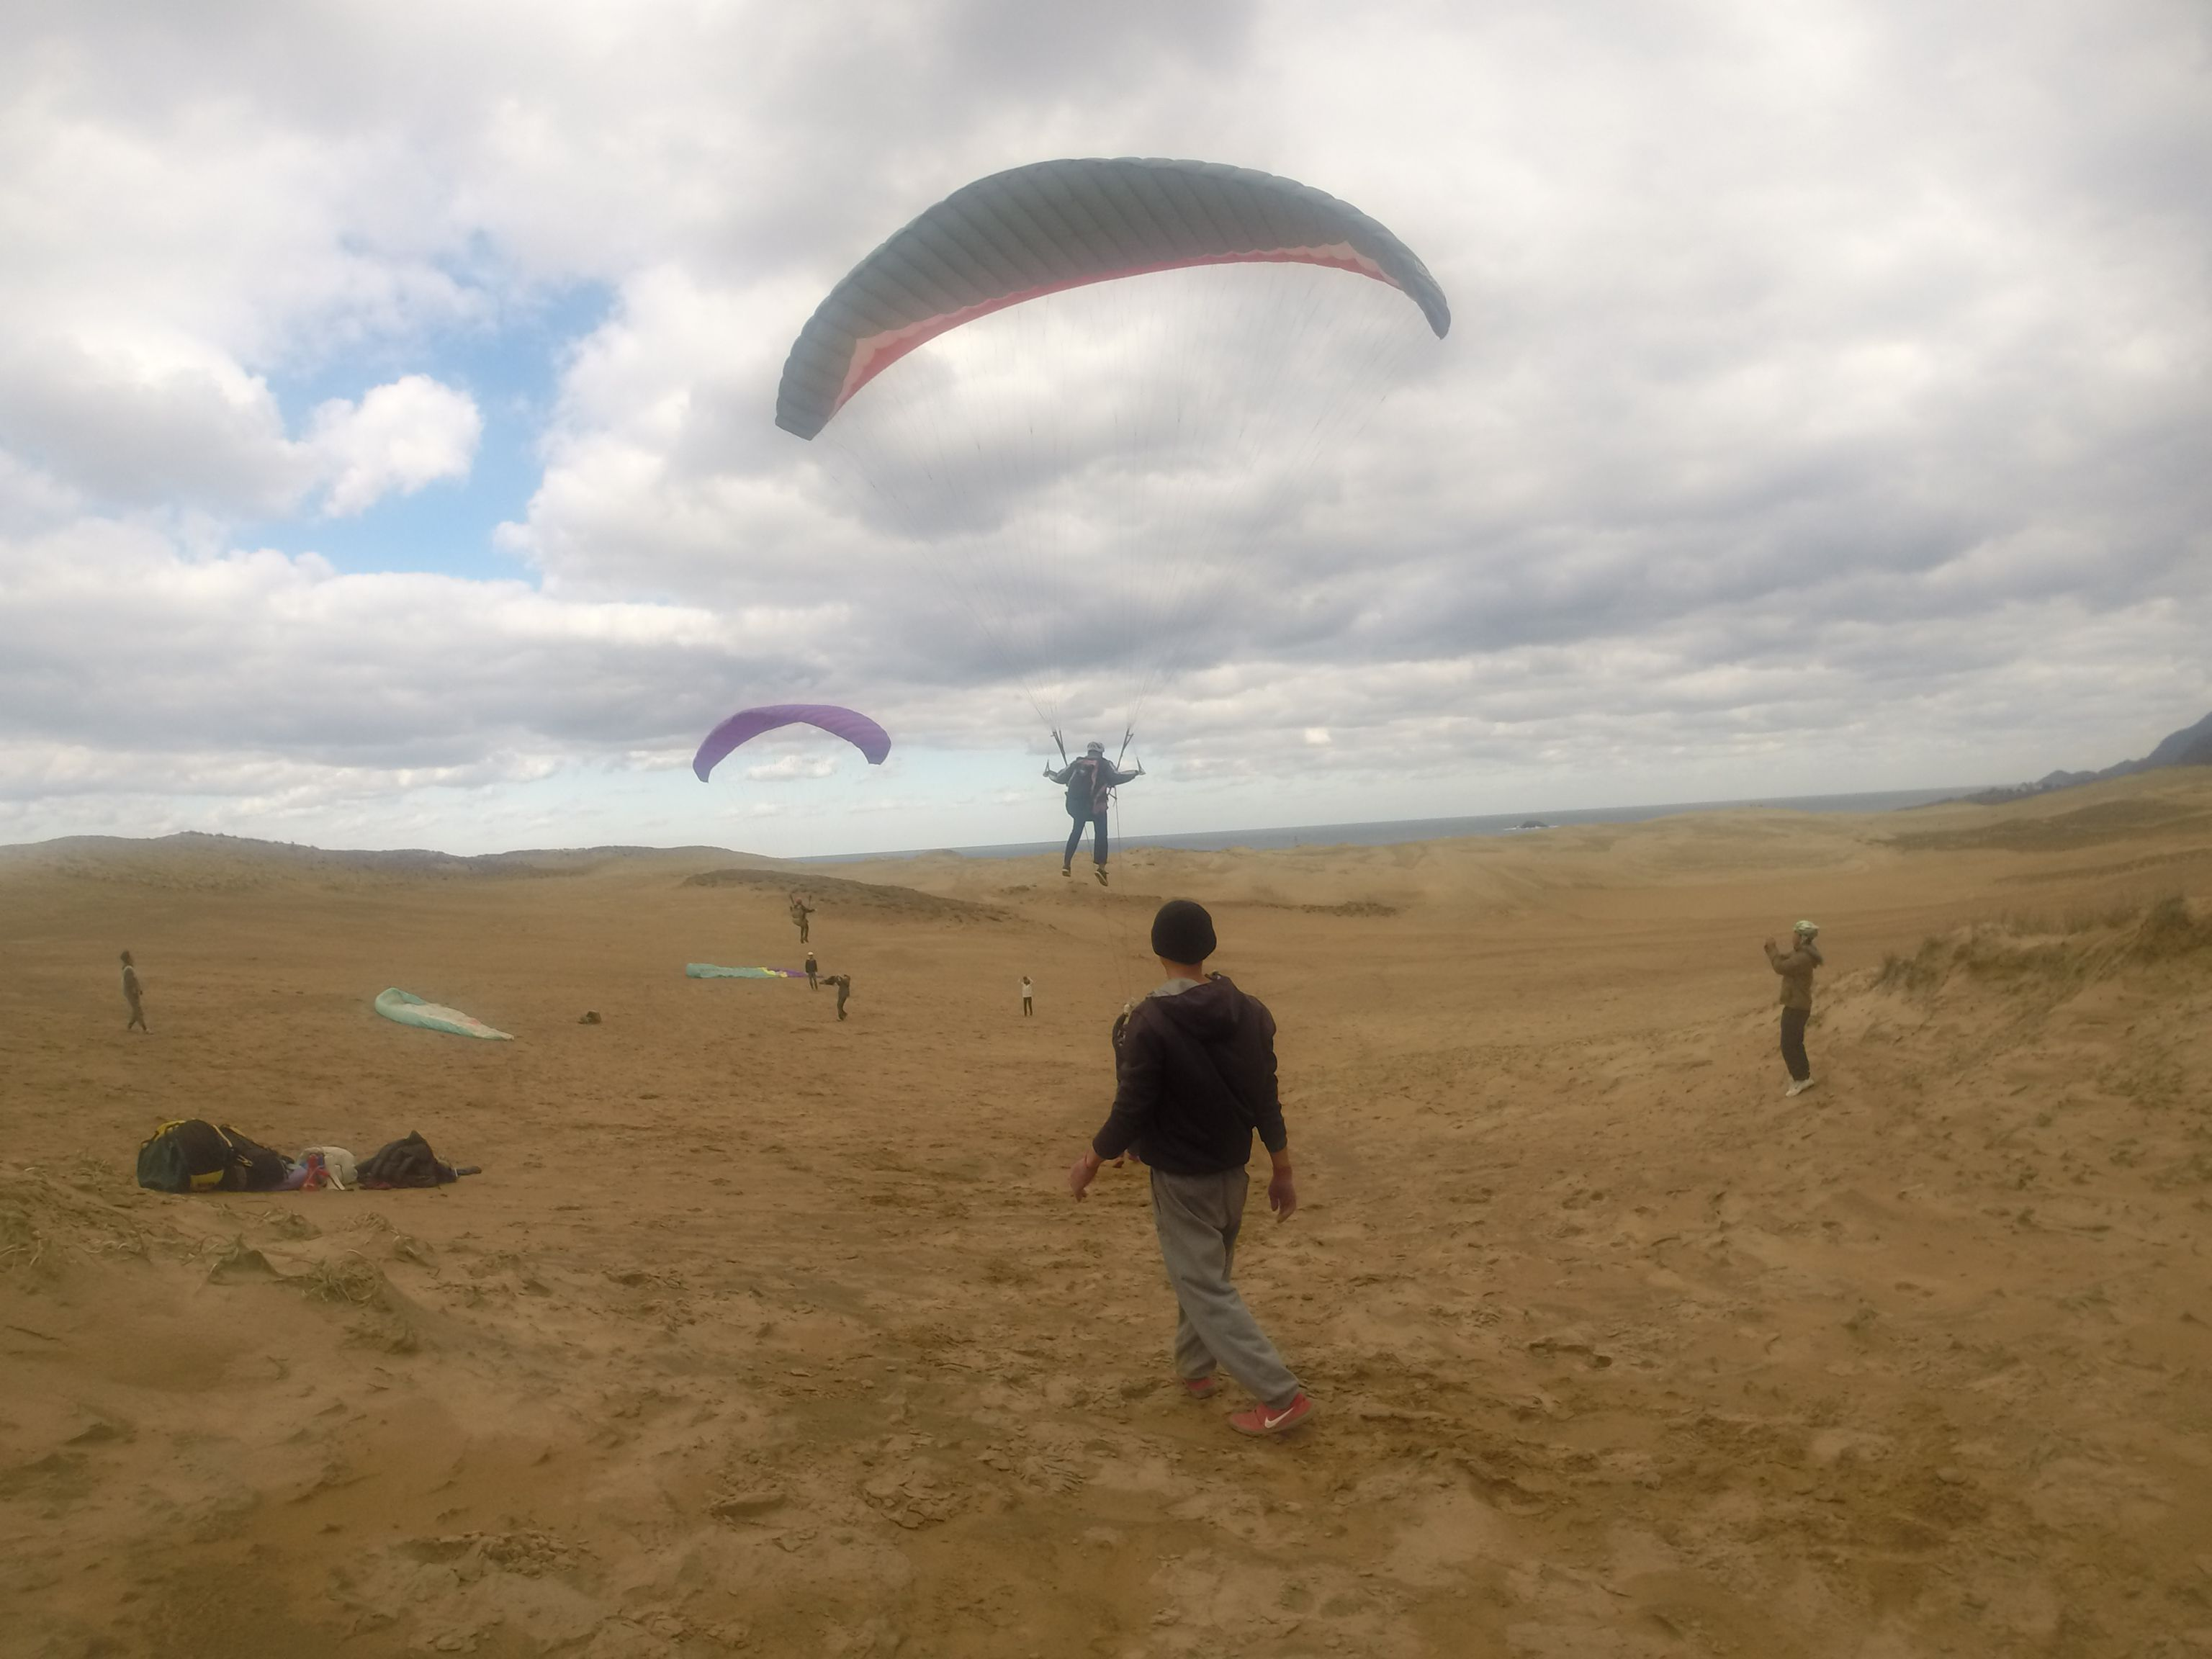 仲間や家族と一緒に飛ぶランデブーフライト